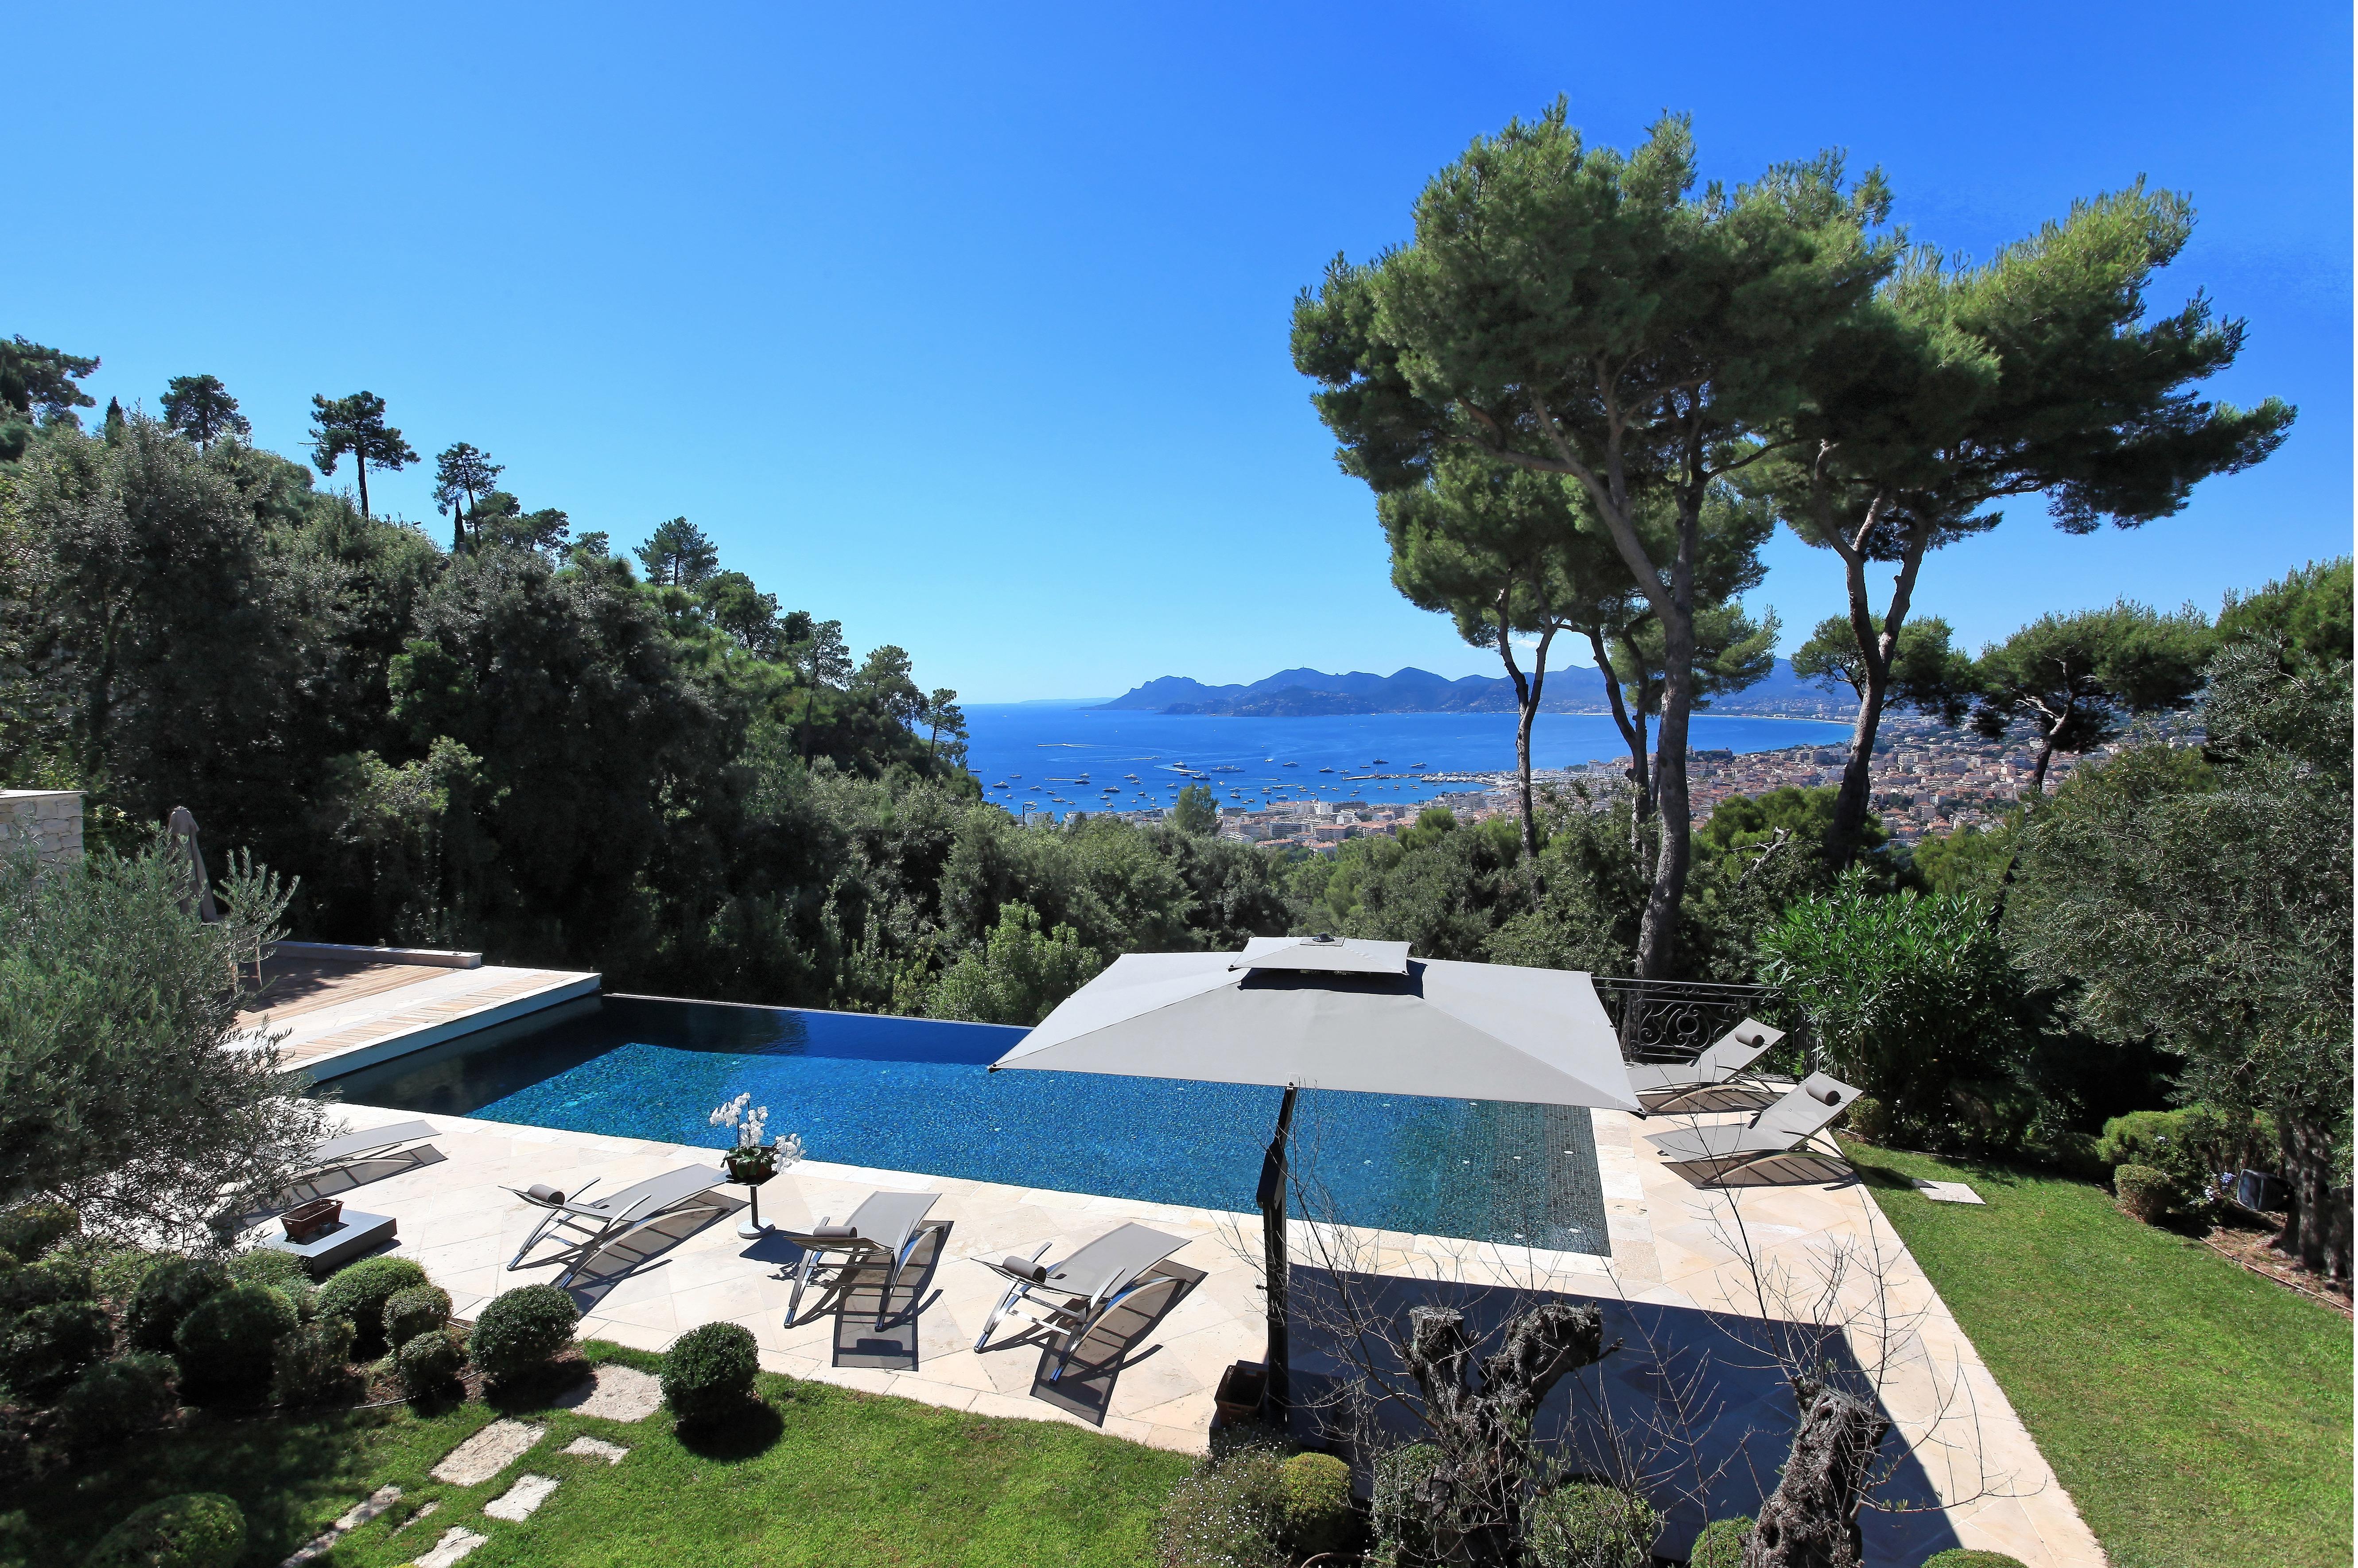 Hitta mäklare på franska Rivieran med HOOM.